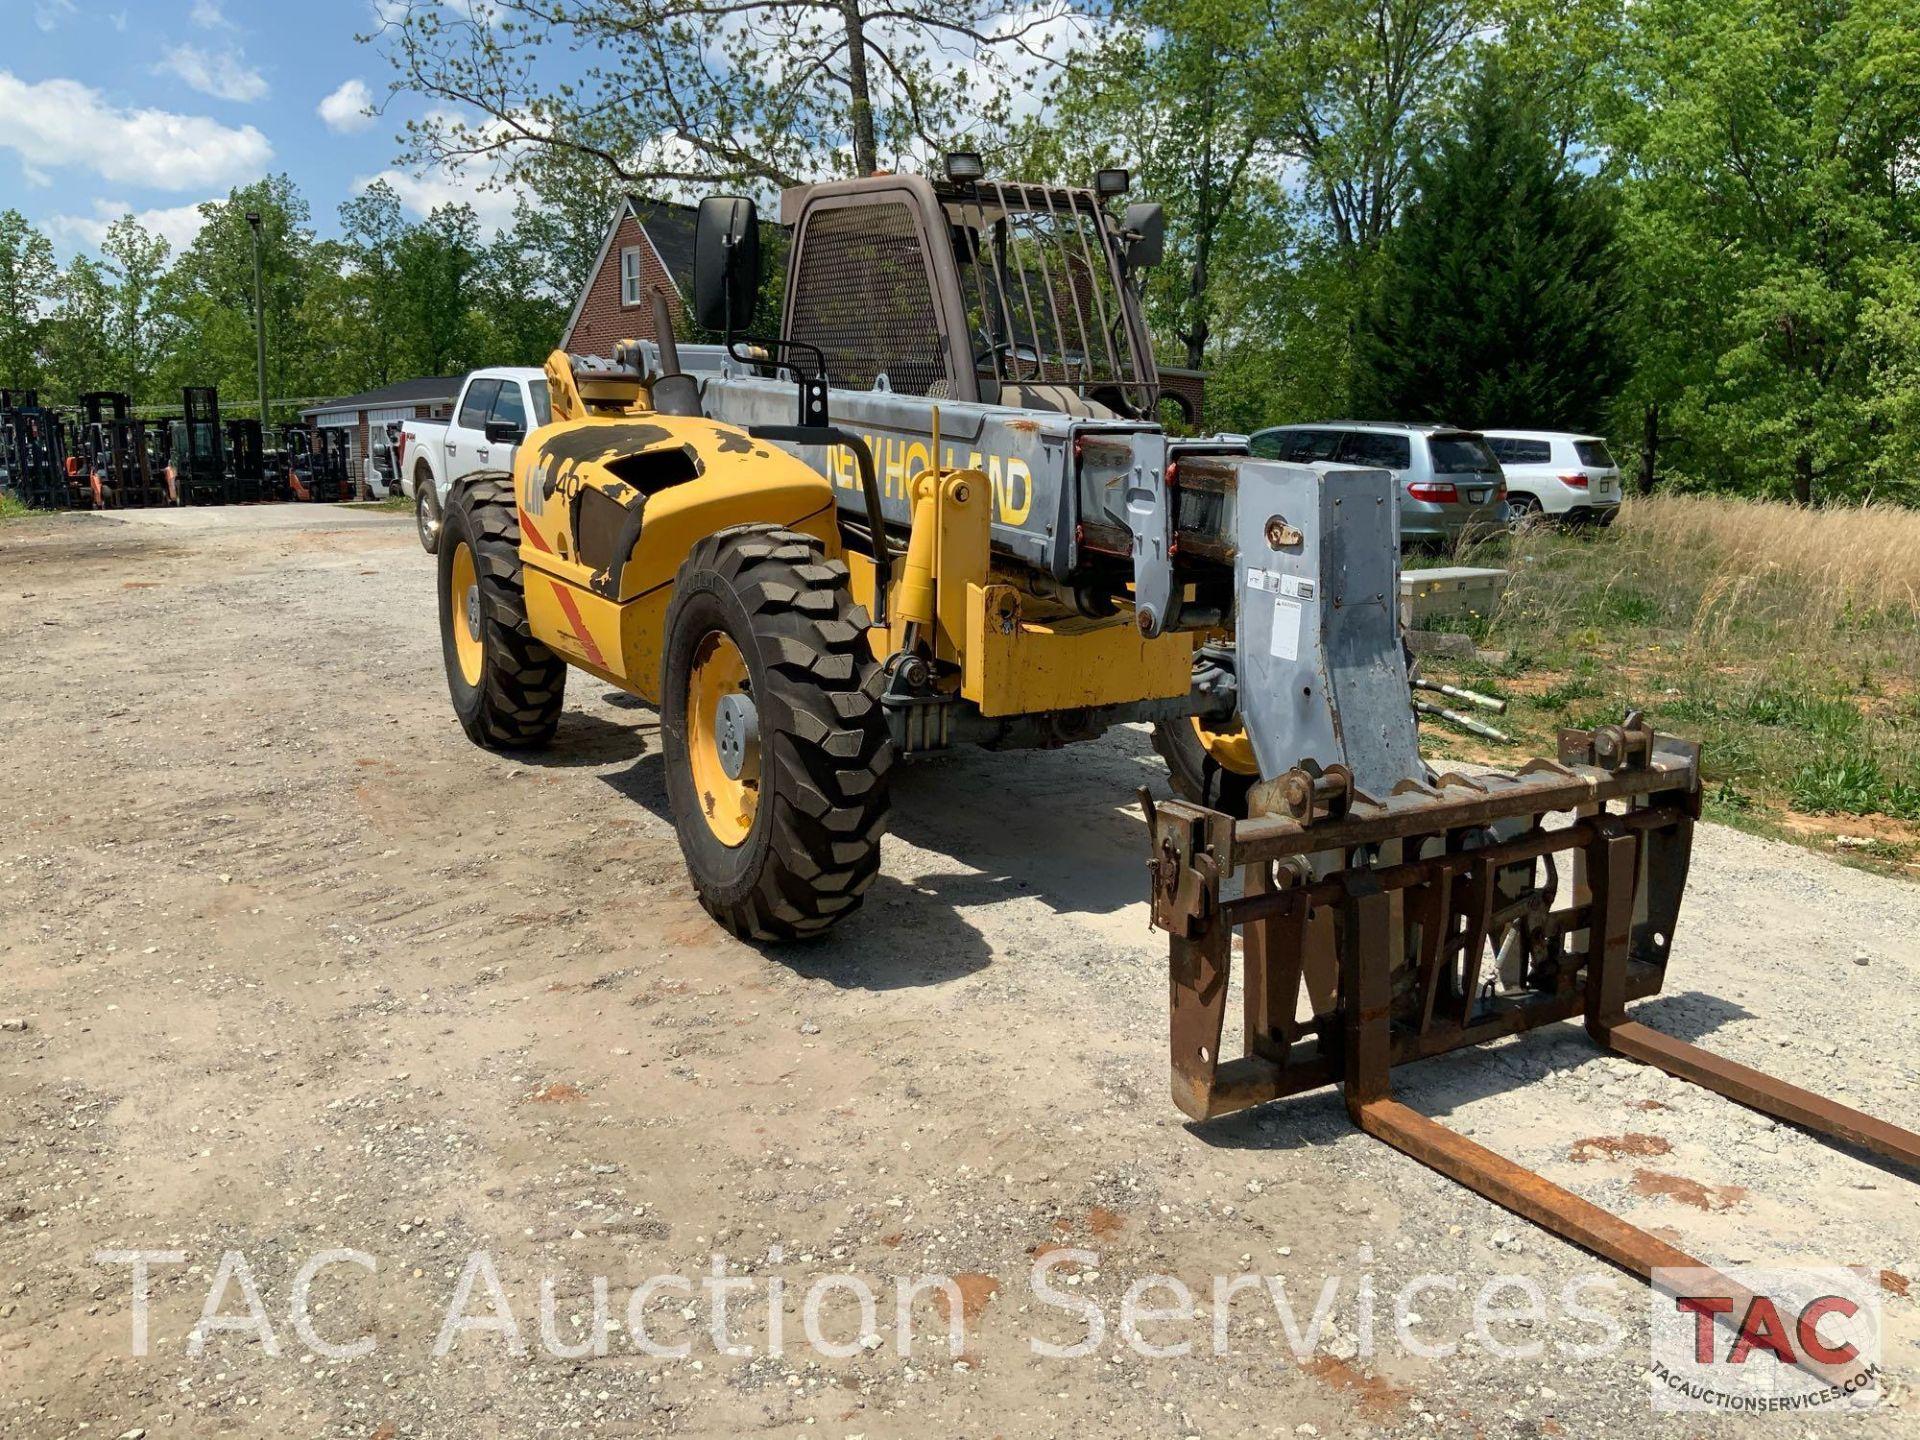 1999 New Holland LM840 Telehandler Forklift - Image 4 of 25